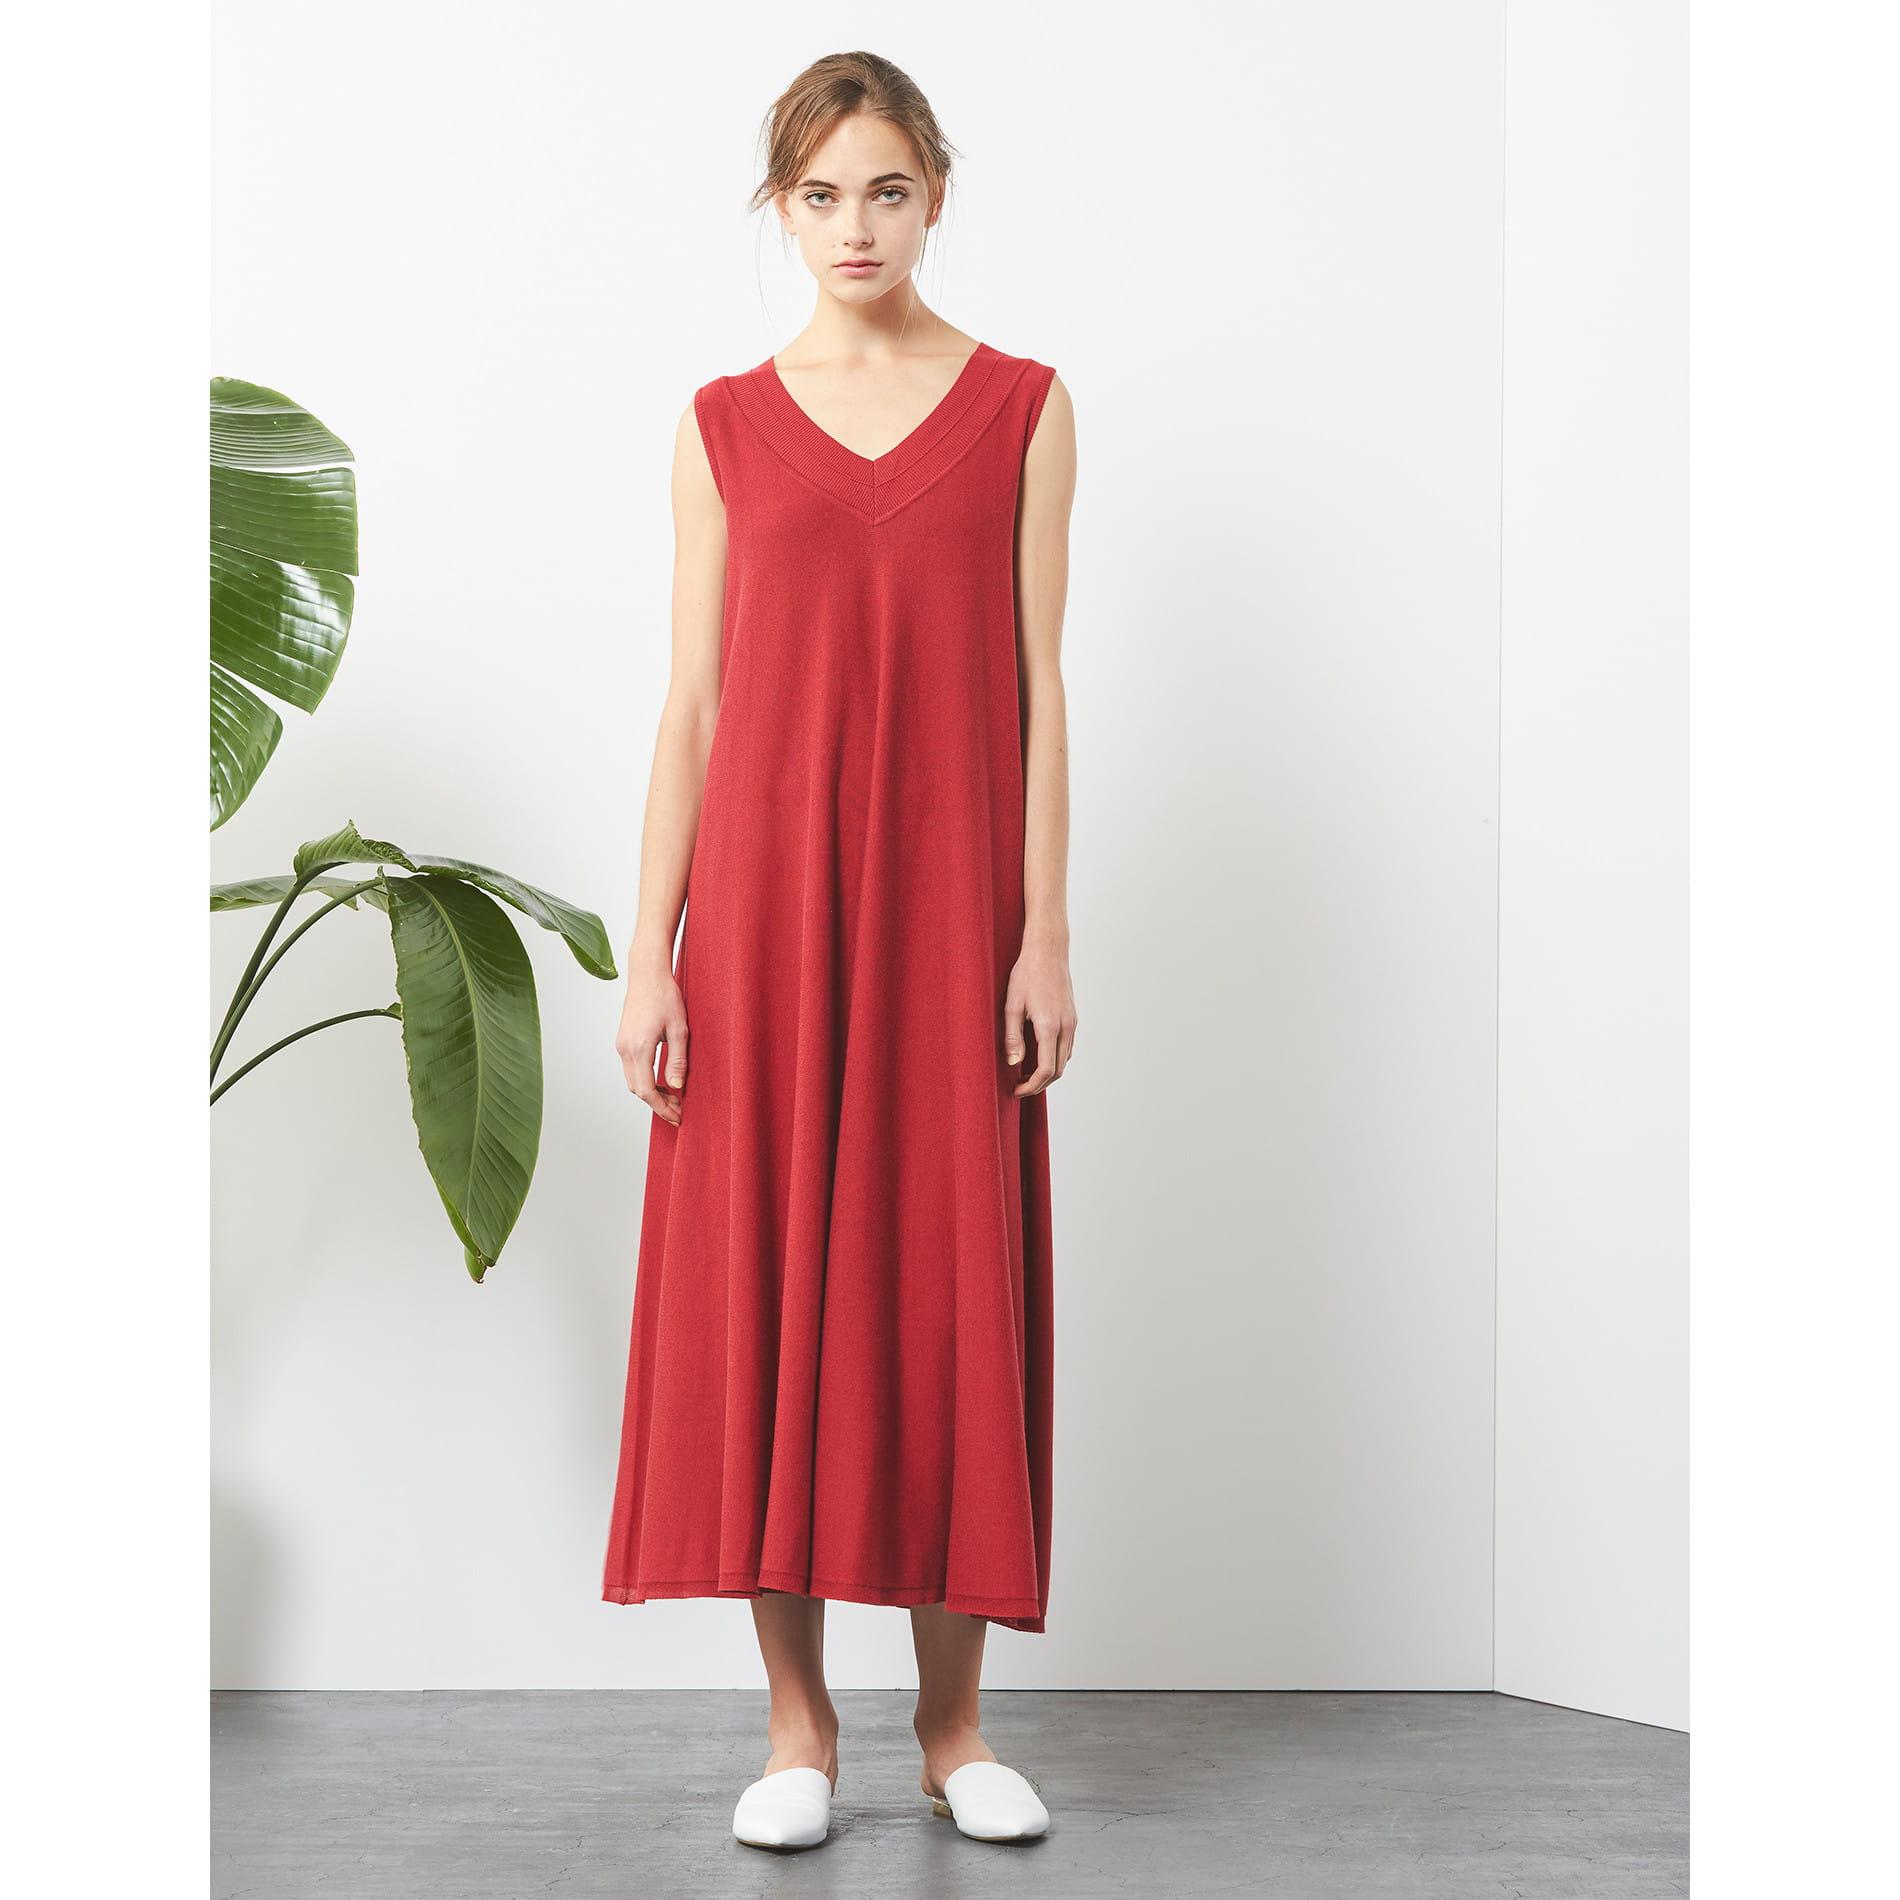 【店舗限定】【 LA MAGLIA IN CASA】 ロングニットドレス